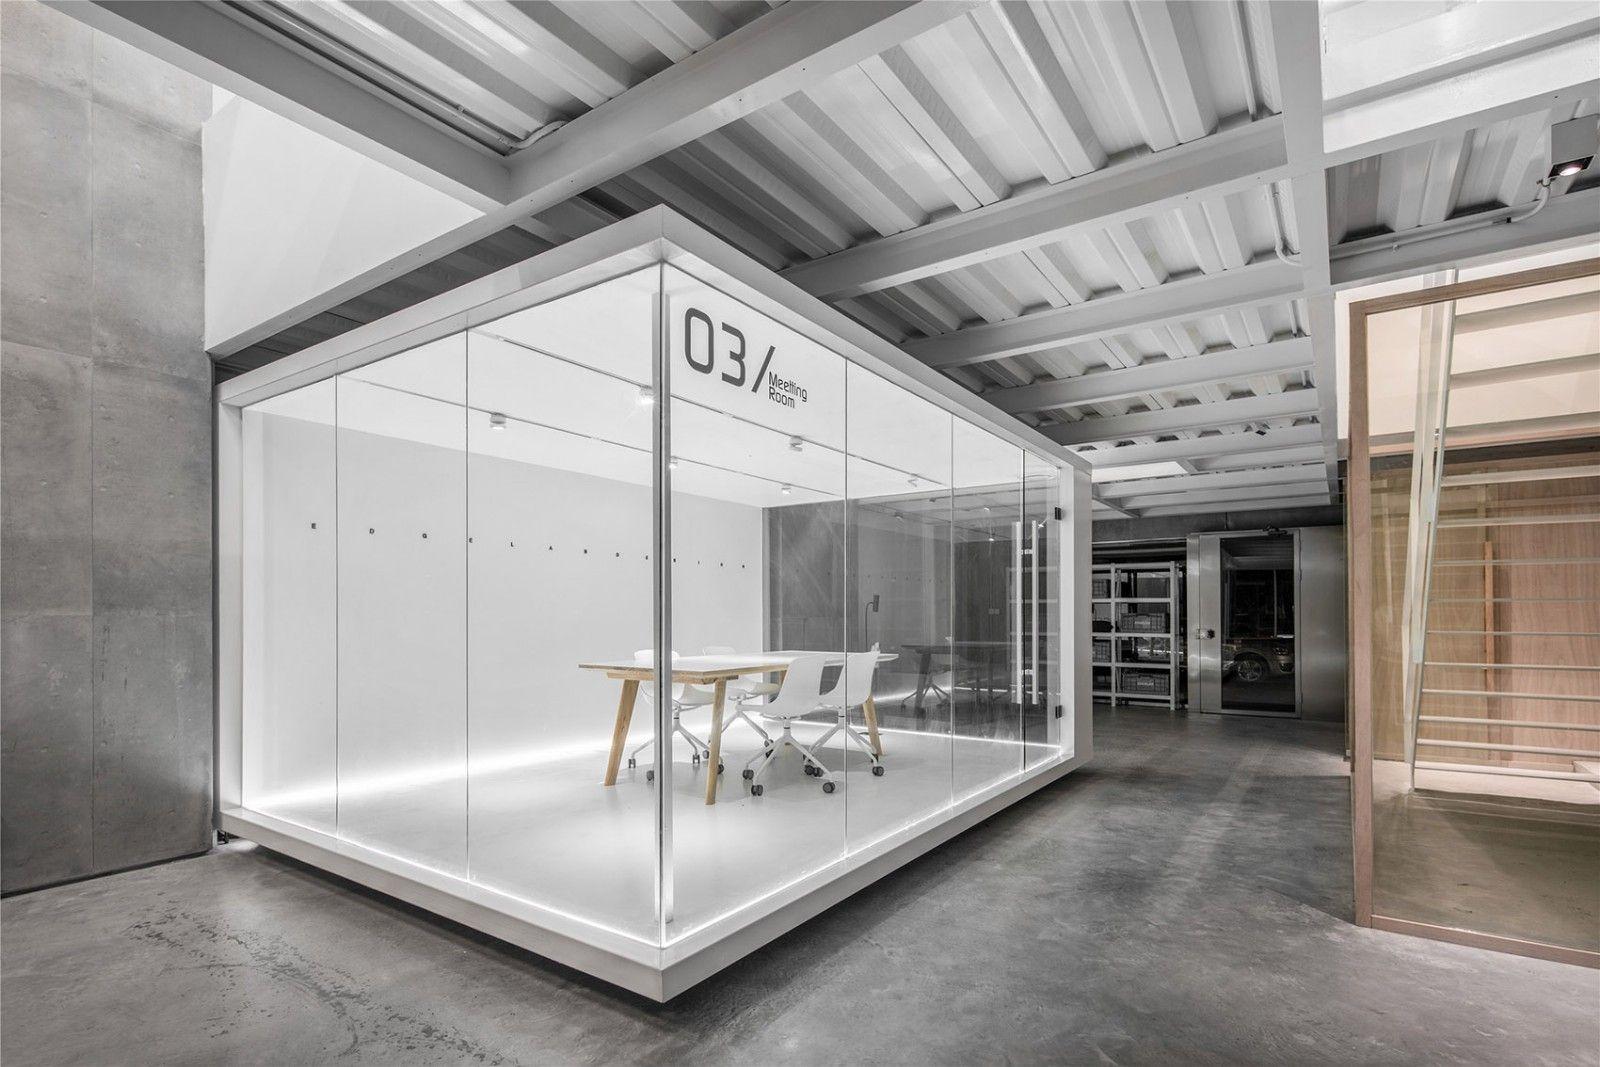 移动的玻璃盒子,广东Edgelab办公空间 | Edgelab边界实验工作室|黄智武、何钢荣 - 7